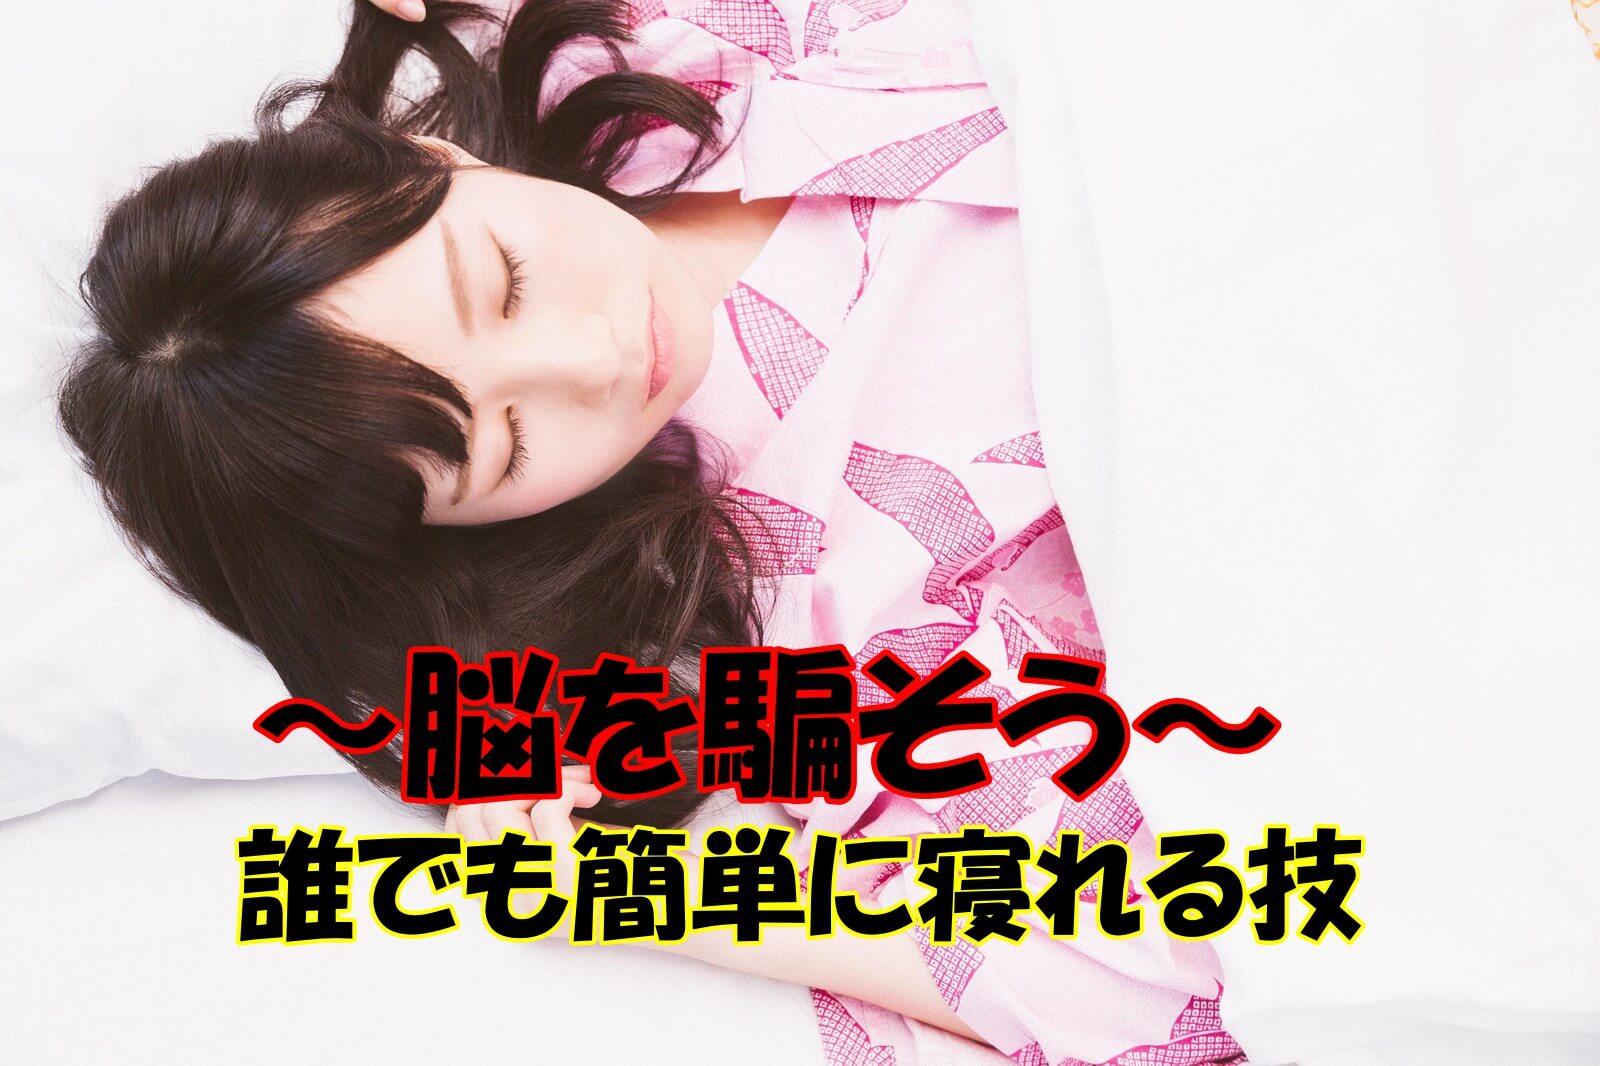 ひろゆき氏提唱のたった5分!!誰でも簡単に寝ることができる連想睡眠法(シャッフル睡眠法)